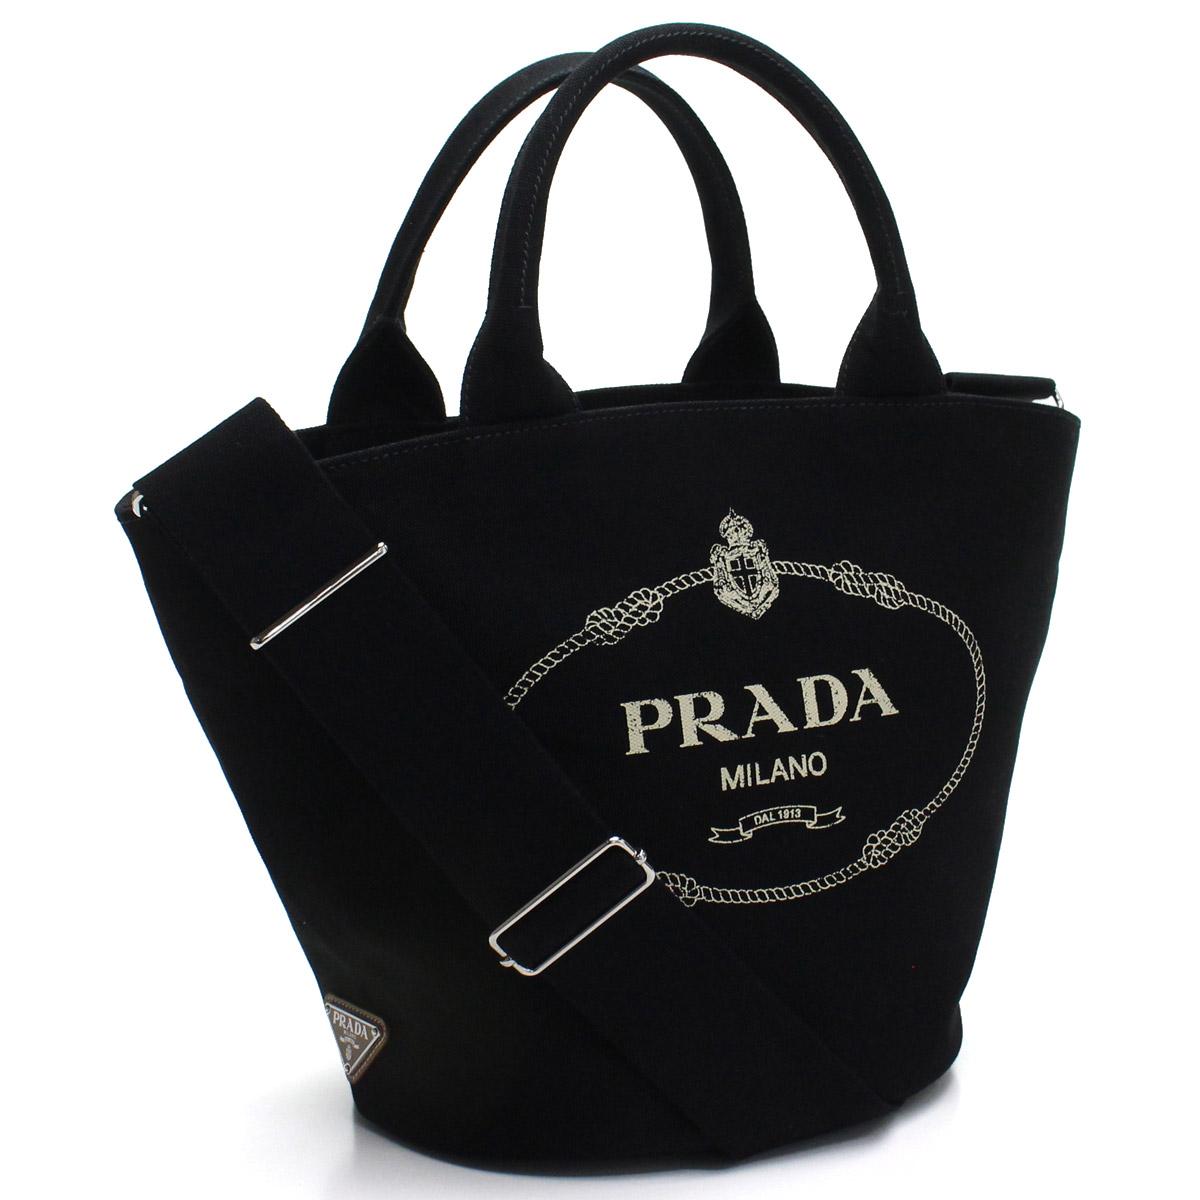 プラダ PRADA カナパ 2way ハンドバッグ 1BG186 ZKI V OOO F0002 NERO ブラック レディース